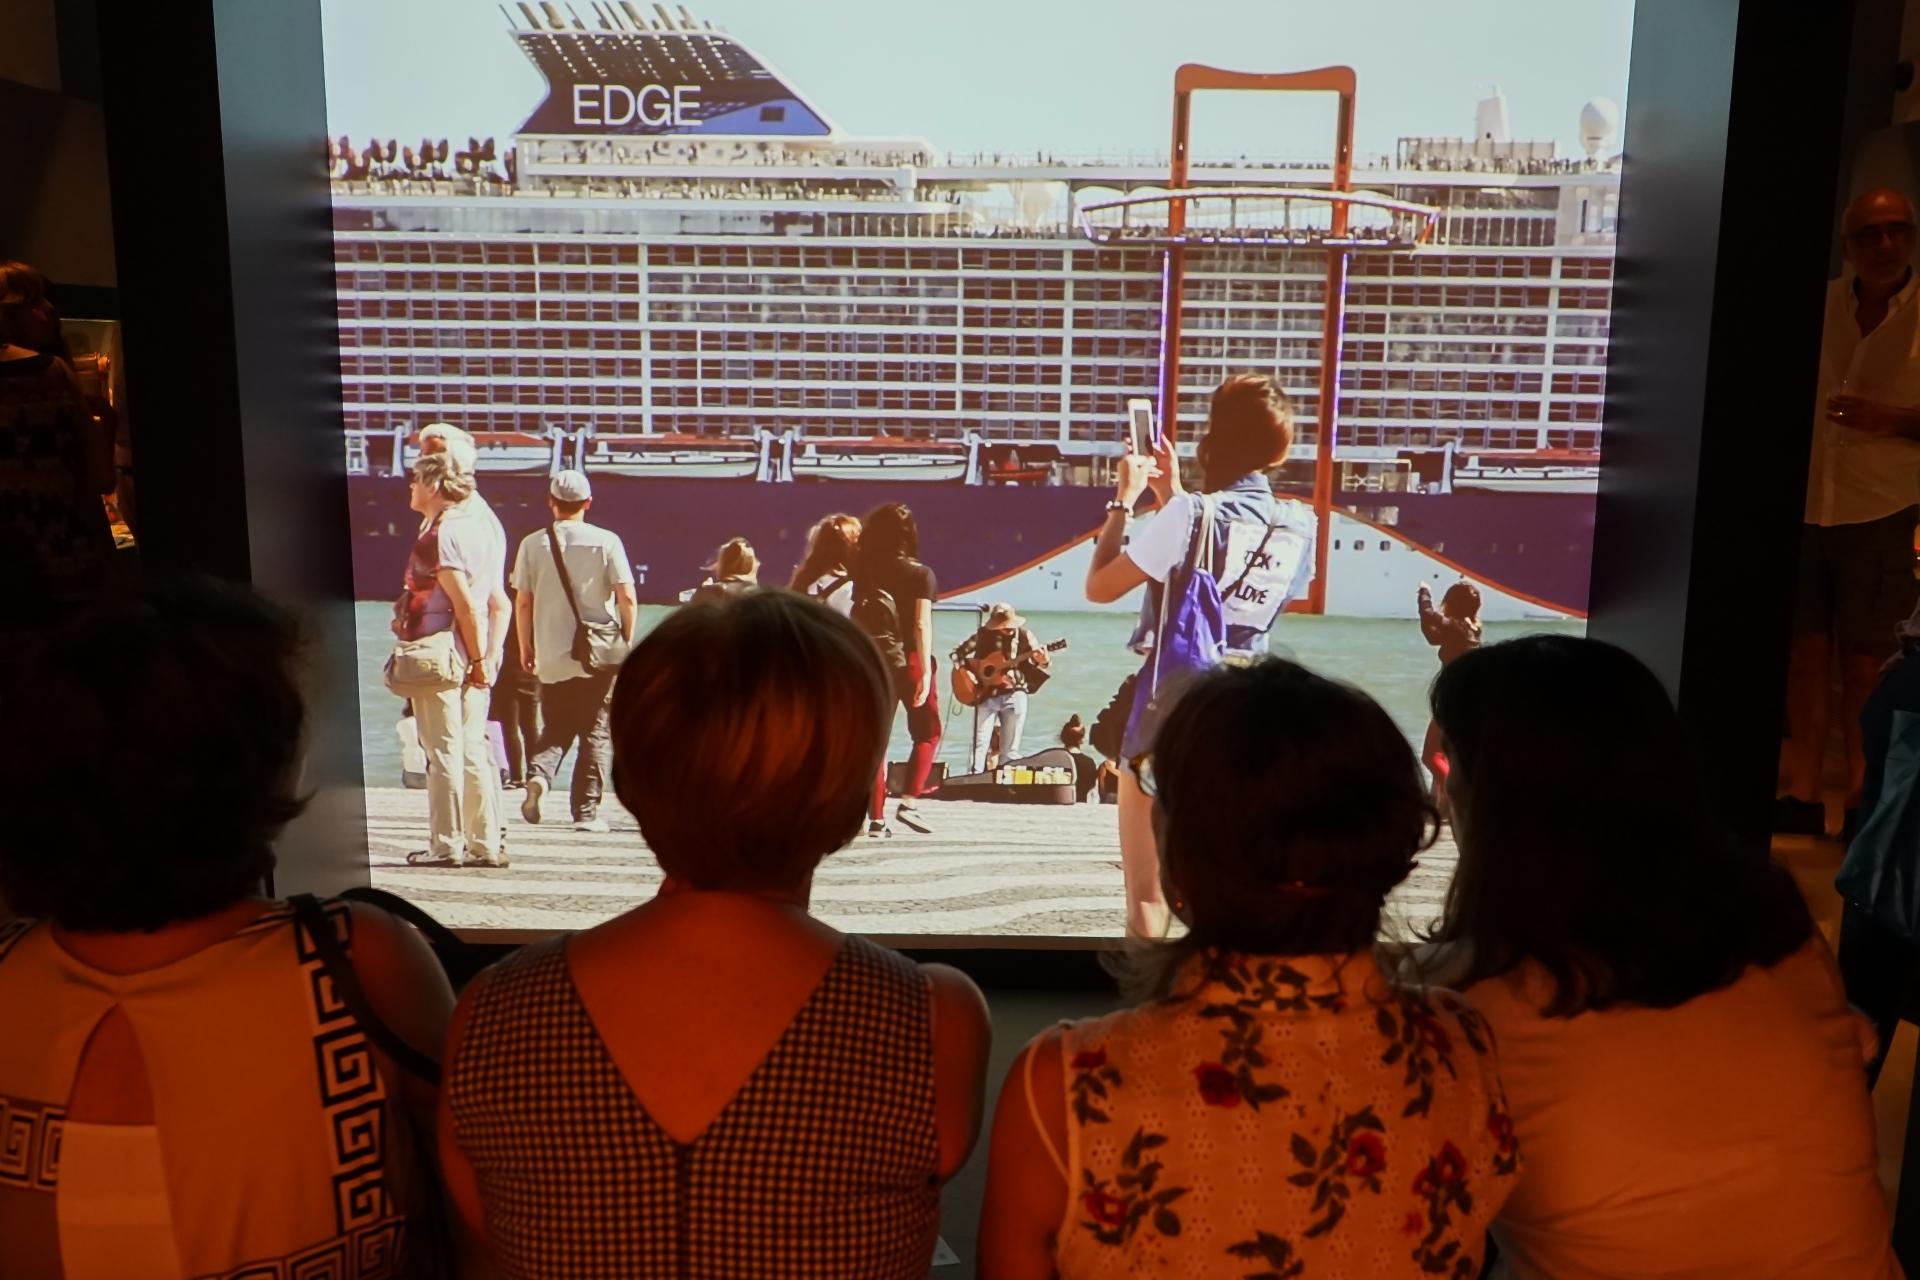 foto de José Frade tirada na exposição Are You a Tourist?. Visitantes da exposição veem o filme  das pessoas e a passear na zona ribeirinha junto ao Padrão dos Descobrimentos